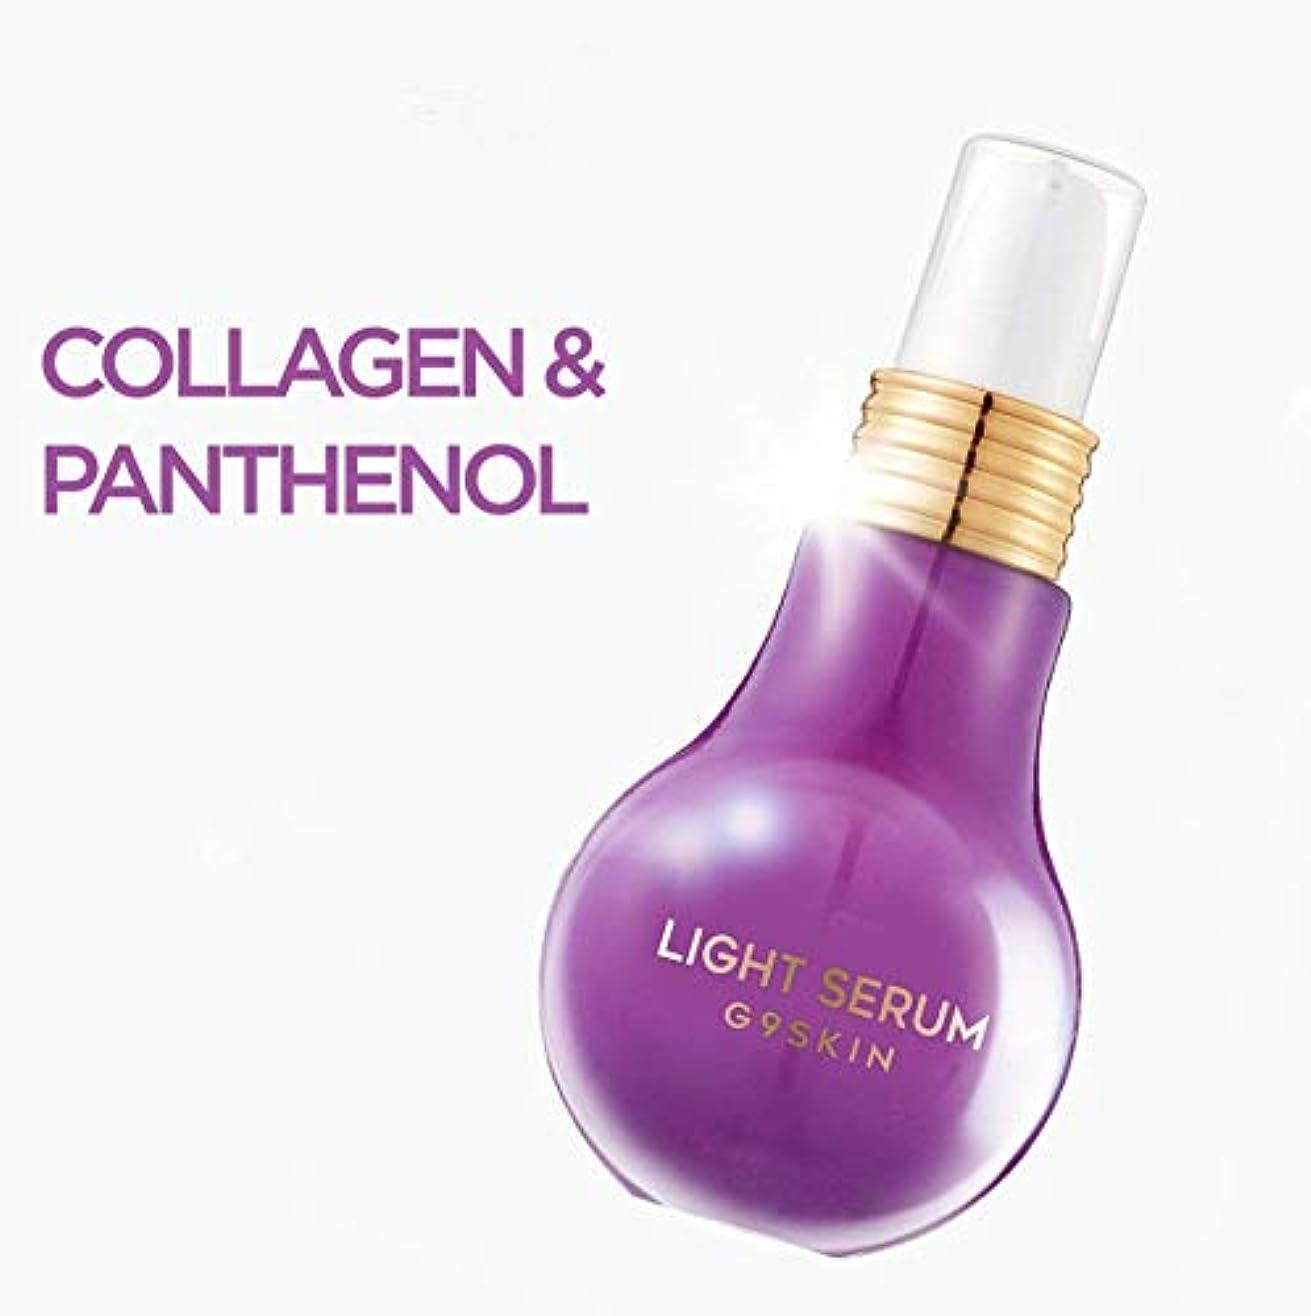 重々しい購入完全に[G9SKIN/G9スキン] Light Serum Collagen&Panthenol/コラーゲン+パンテノール | 50ml 電球セラム 光セラム SkinGarden/スキンガーデン (コラーゲン&パンテノール)